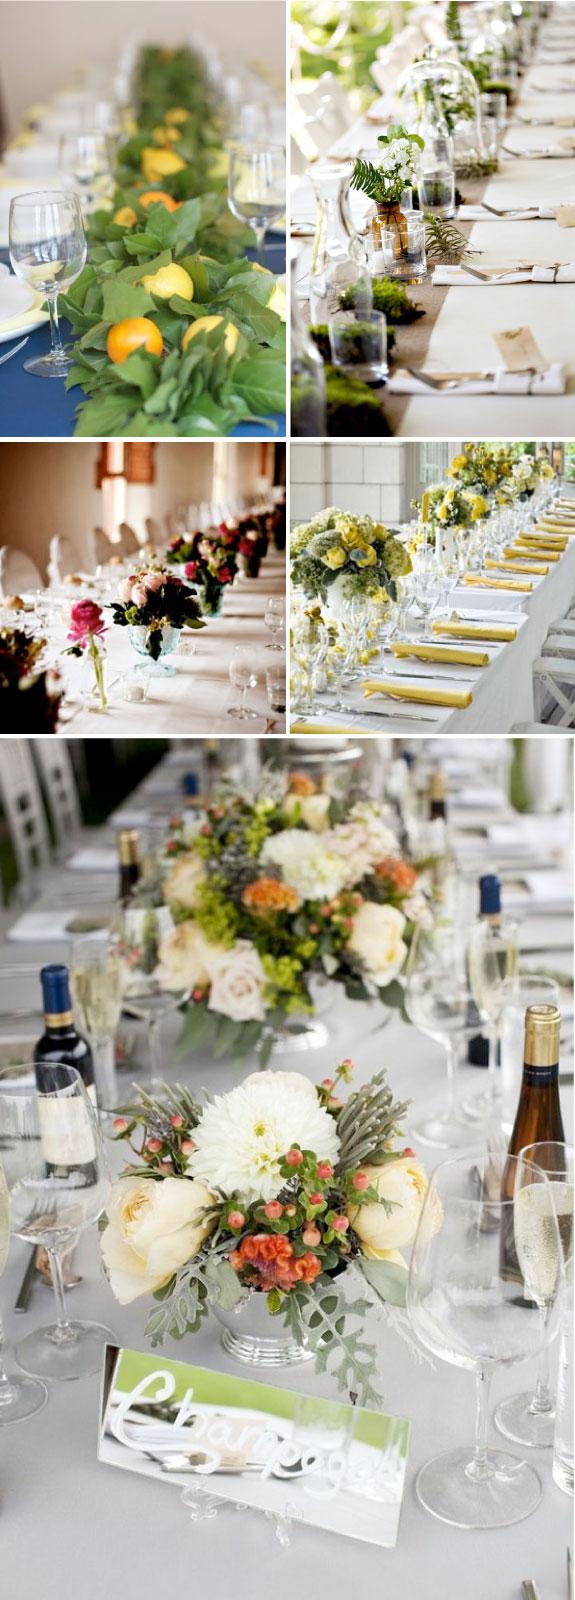 Pomysły i inspiracje na udekorowanie stołów weselnych